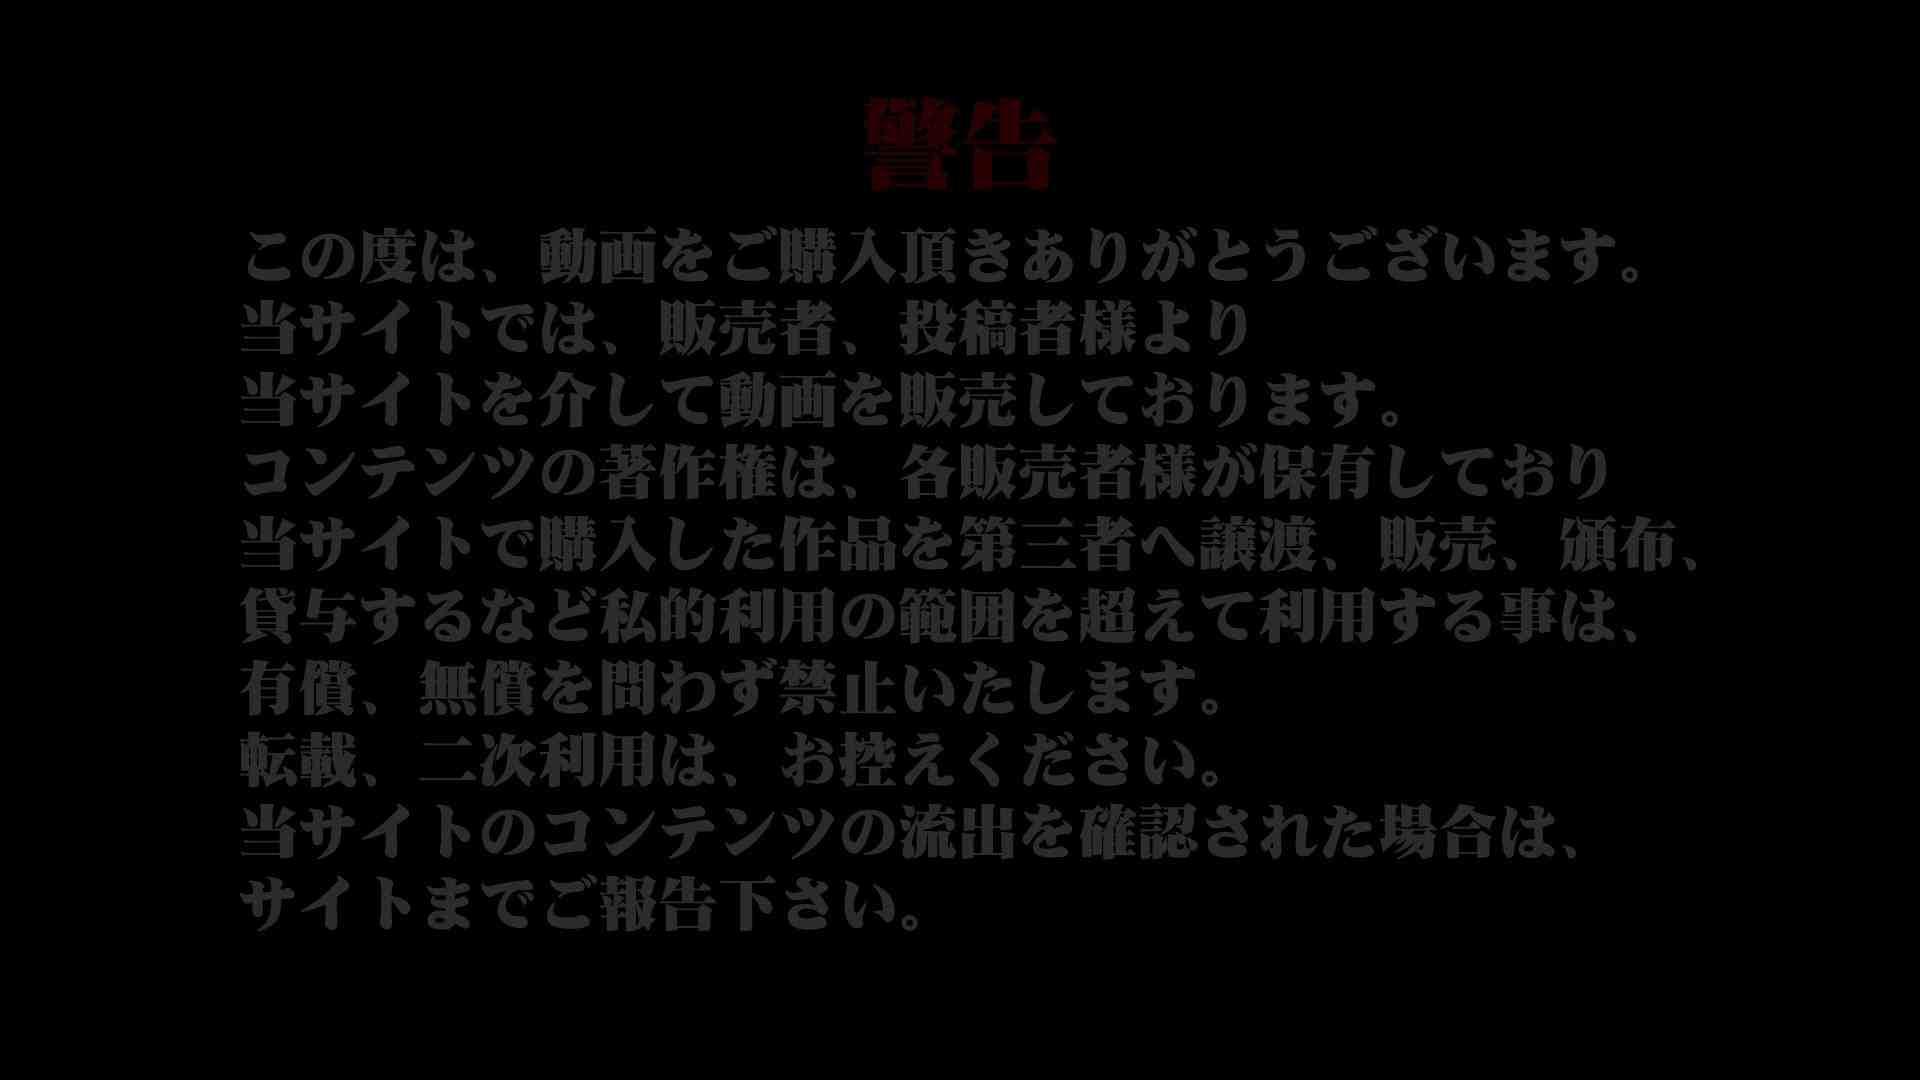 Aquaな露天風呂Vol.963 盗撮シリーズ  108PIX 16